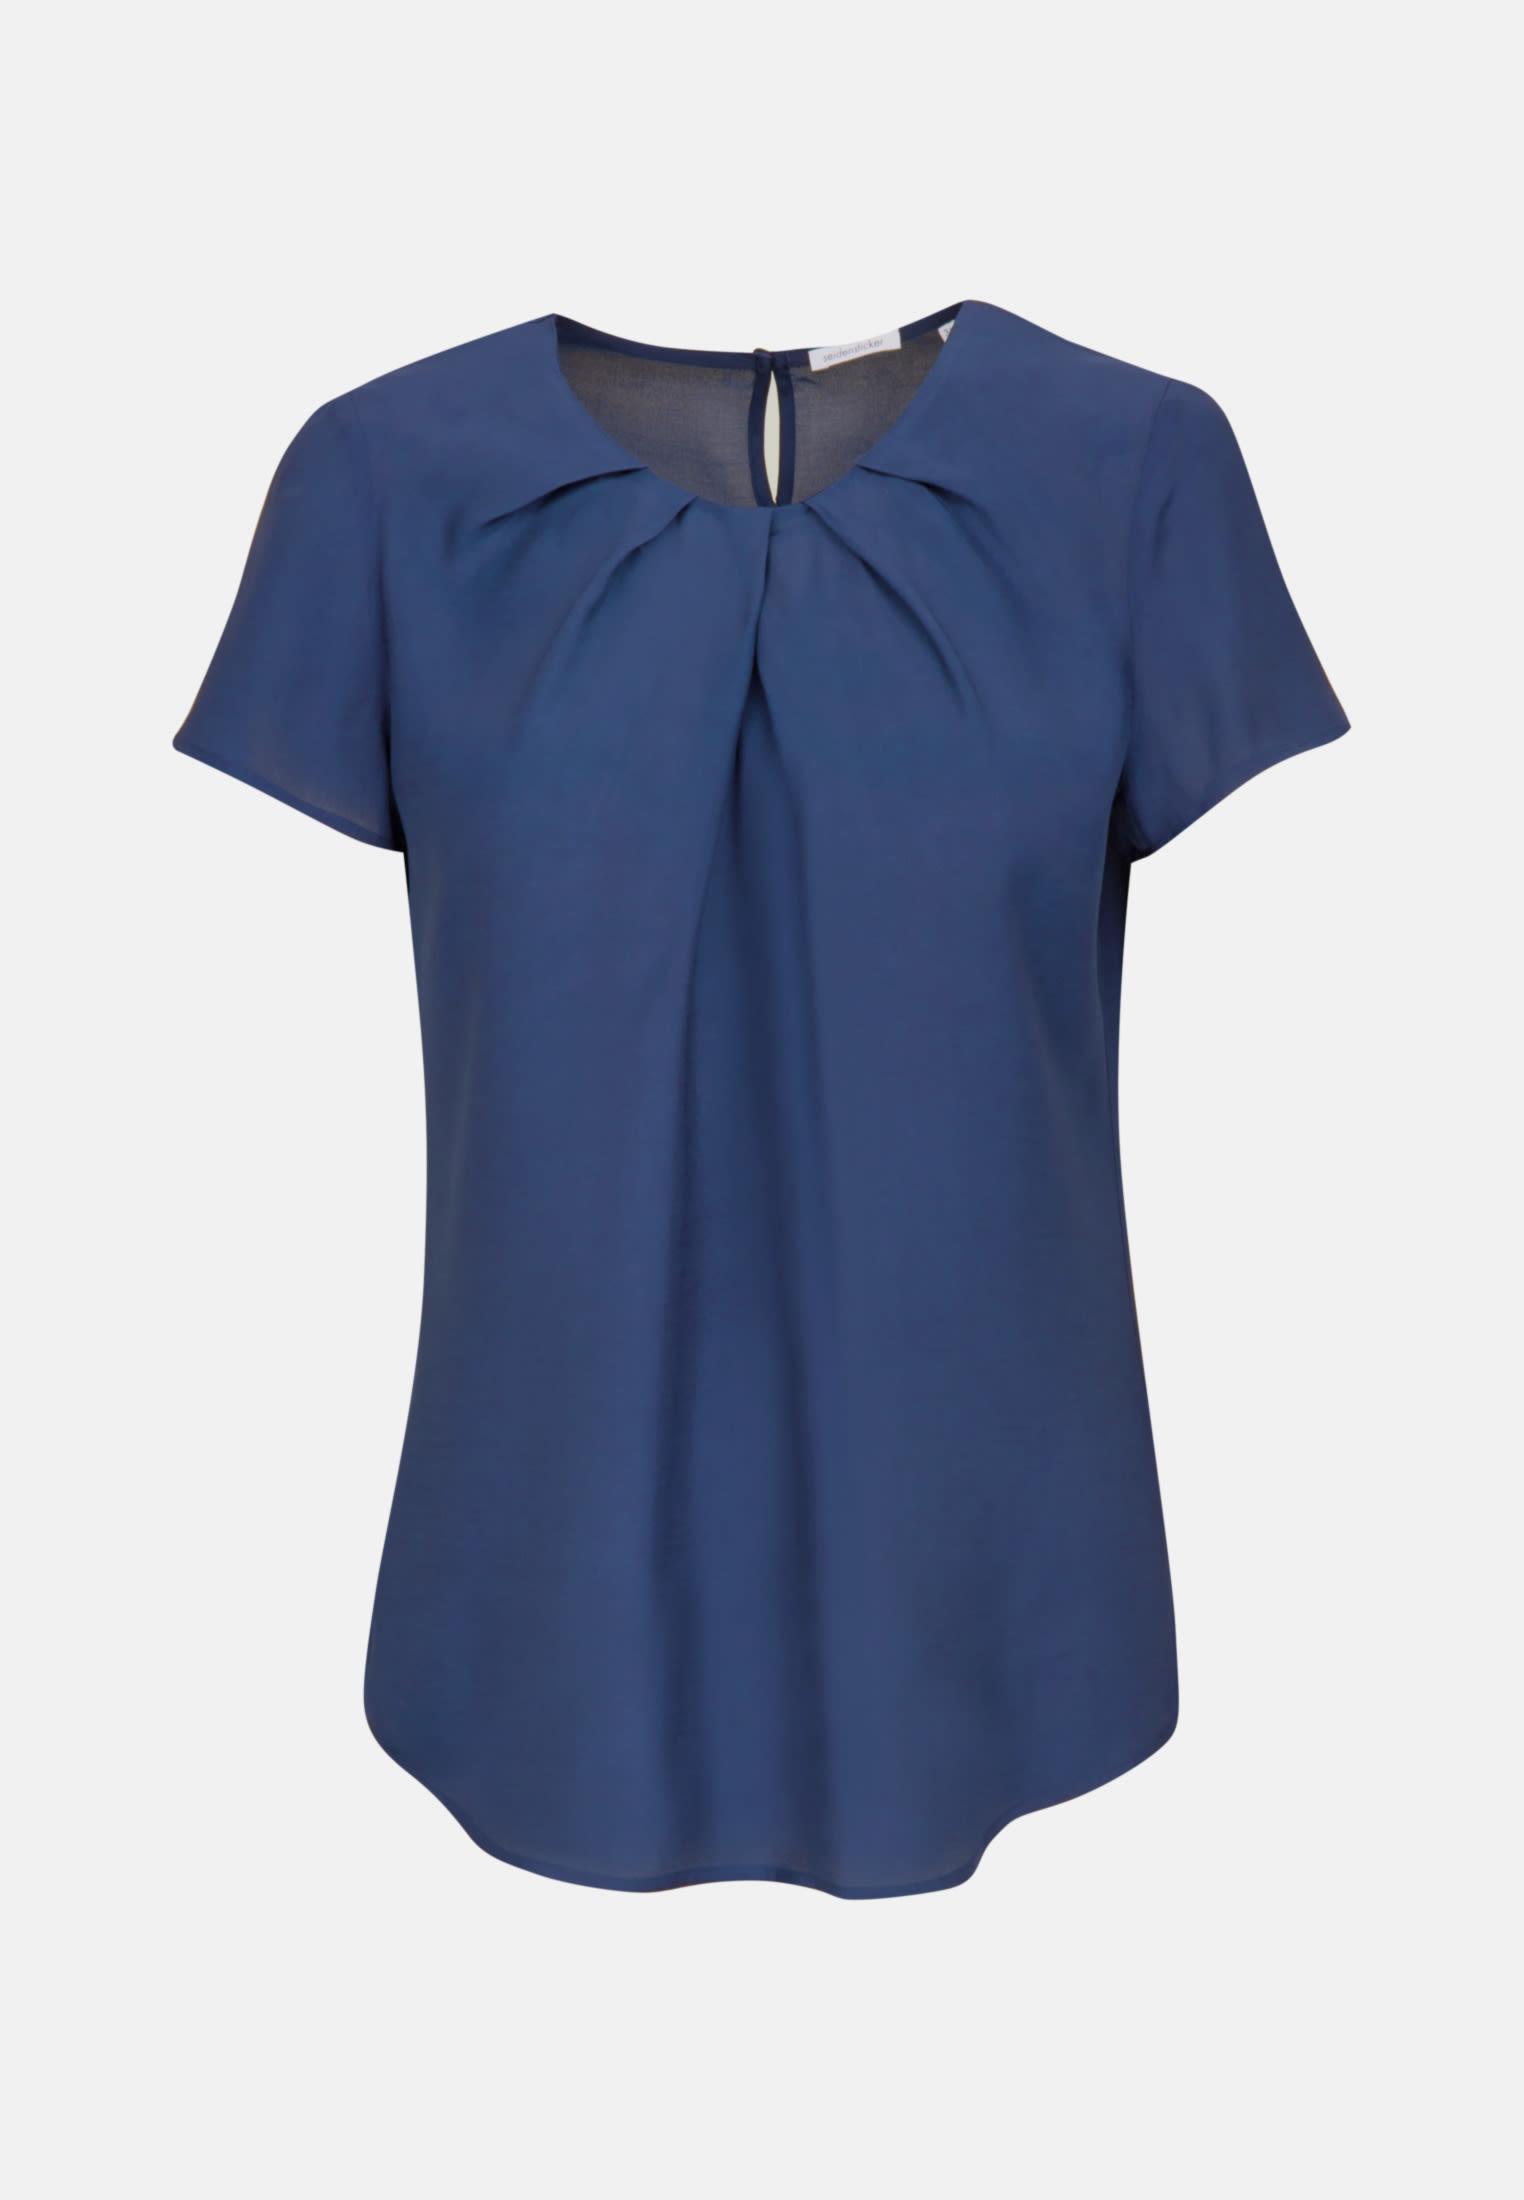 Kurzarm Voile Shirtbluse aus 100% Viskose in Mittelblau |  Seidensticker Onlineshop